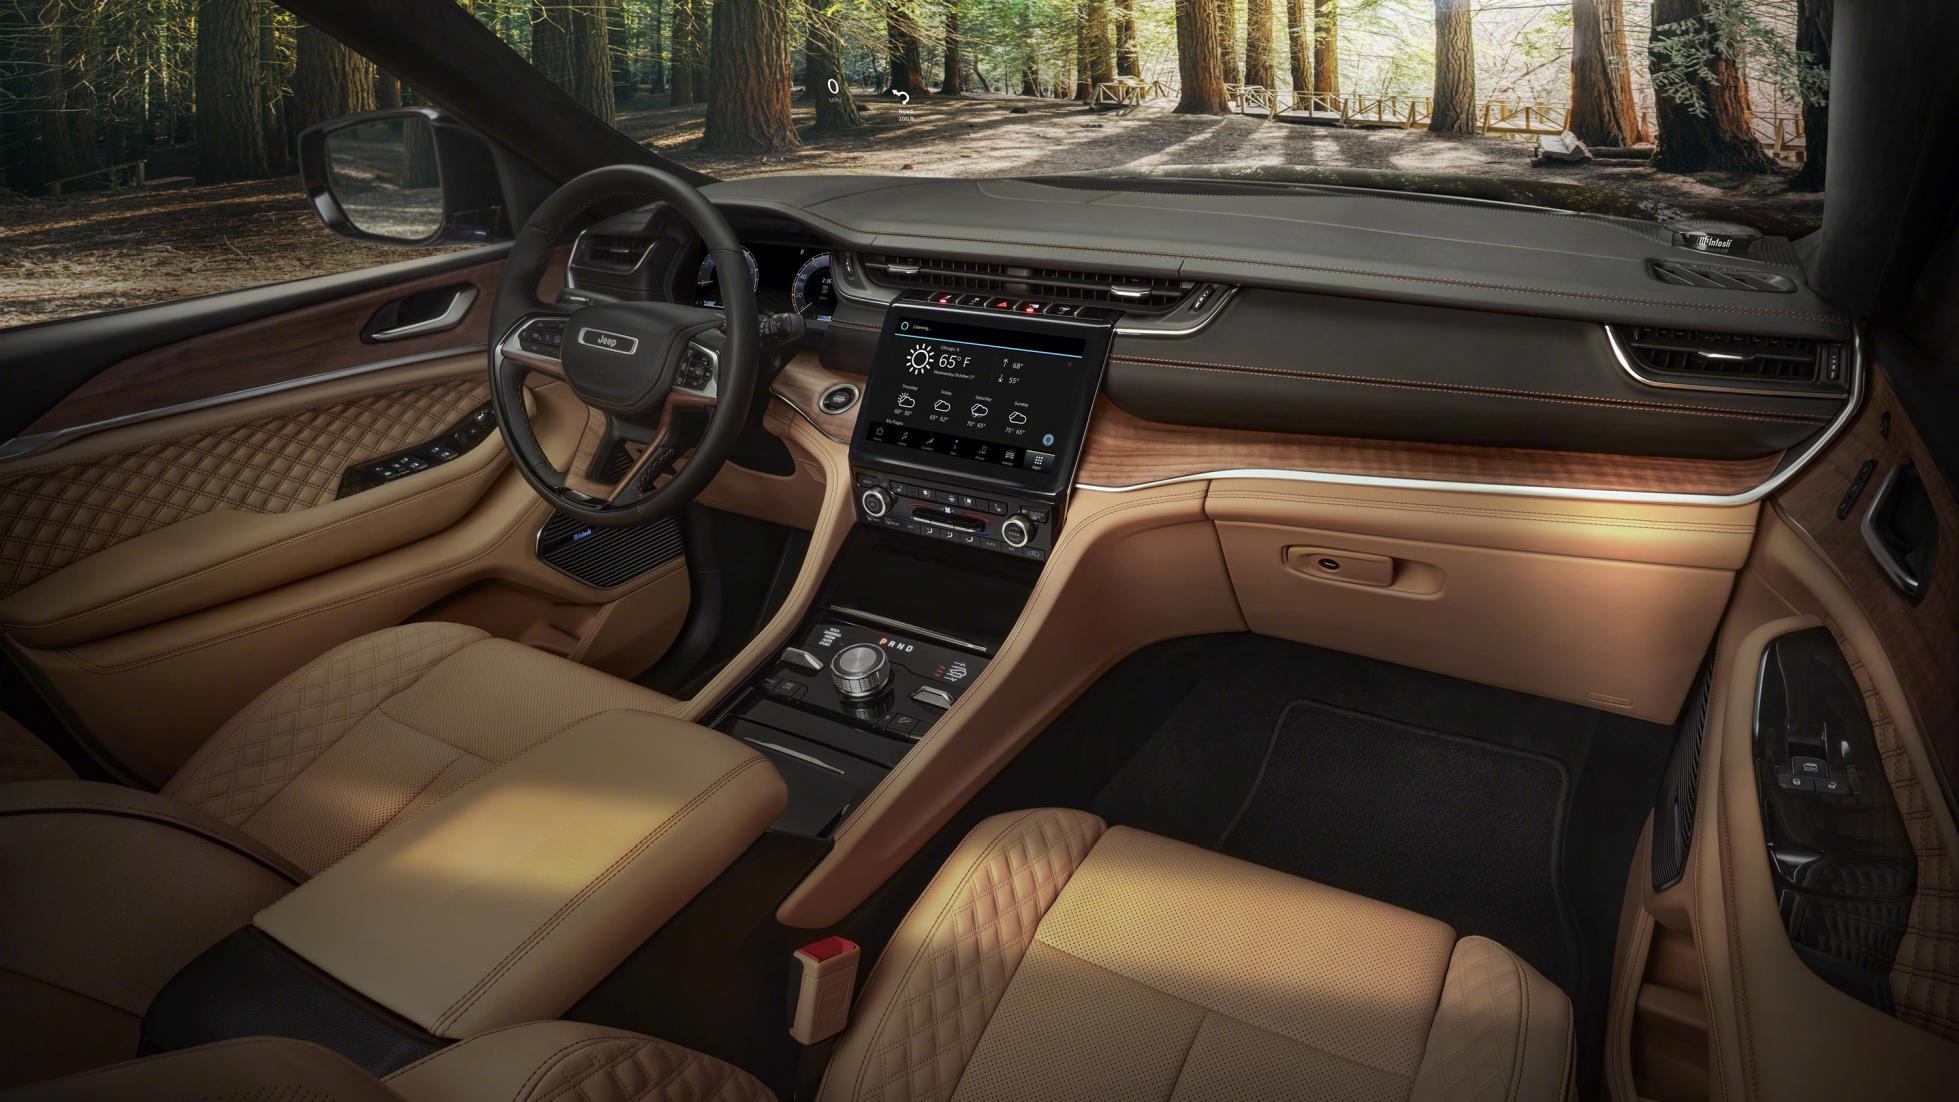 The Jeep Grand Cherokee L interior